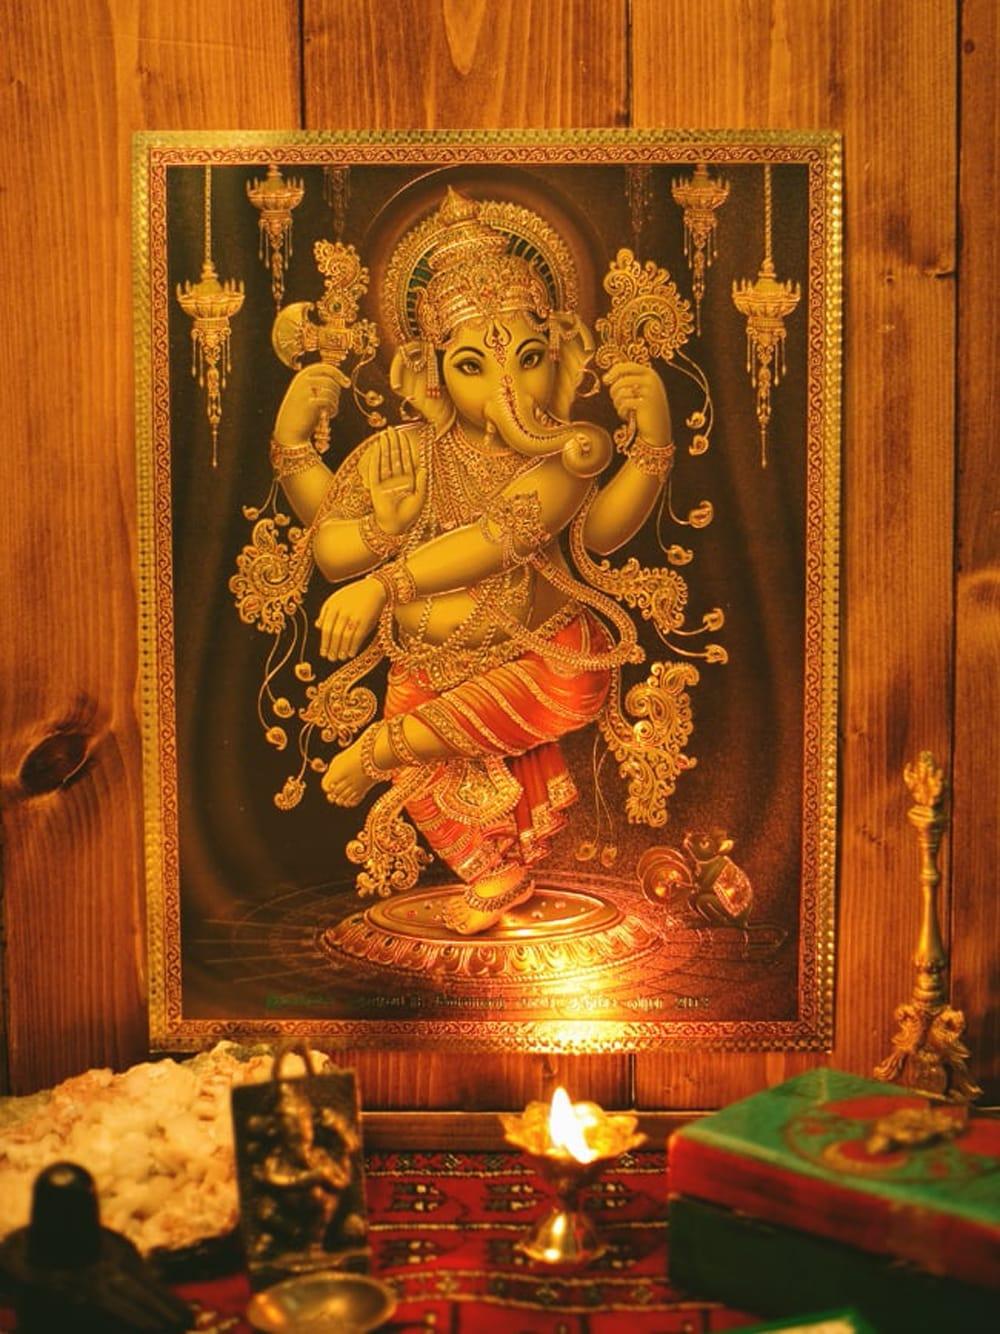 〔約40cm×約30cm〕インドのヒンドゥー神様ゴールドポスター - ラクシュミー 美と富の神様 5 - お部屋やお店など店舗の装飾としておすすめ。そのまま貼っても素敵なポスターです。